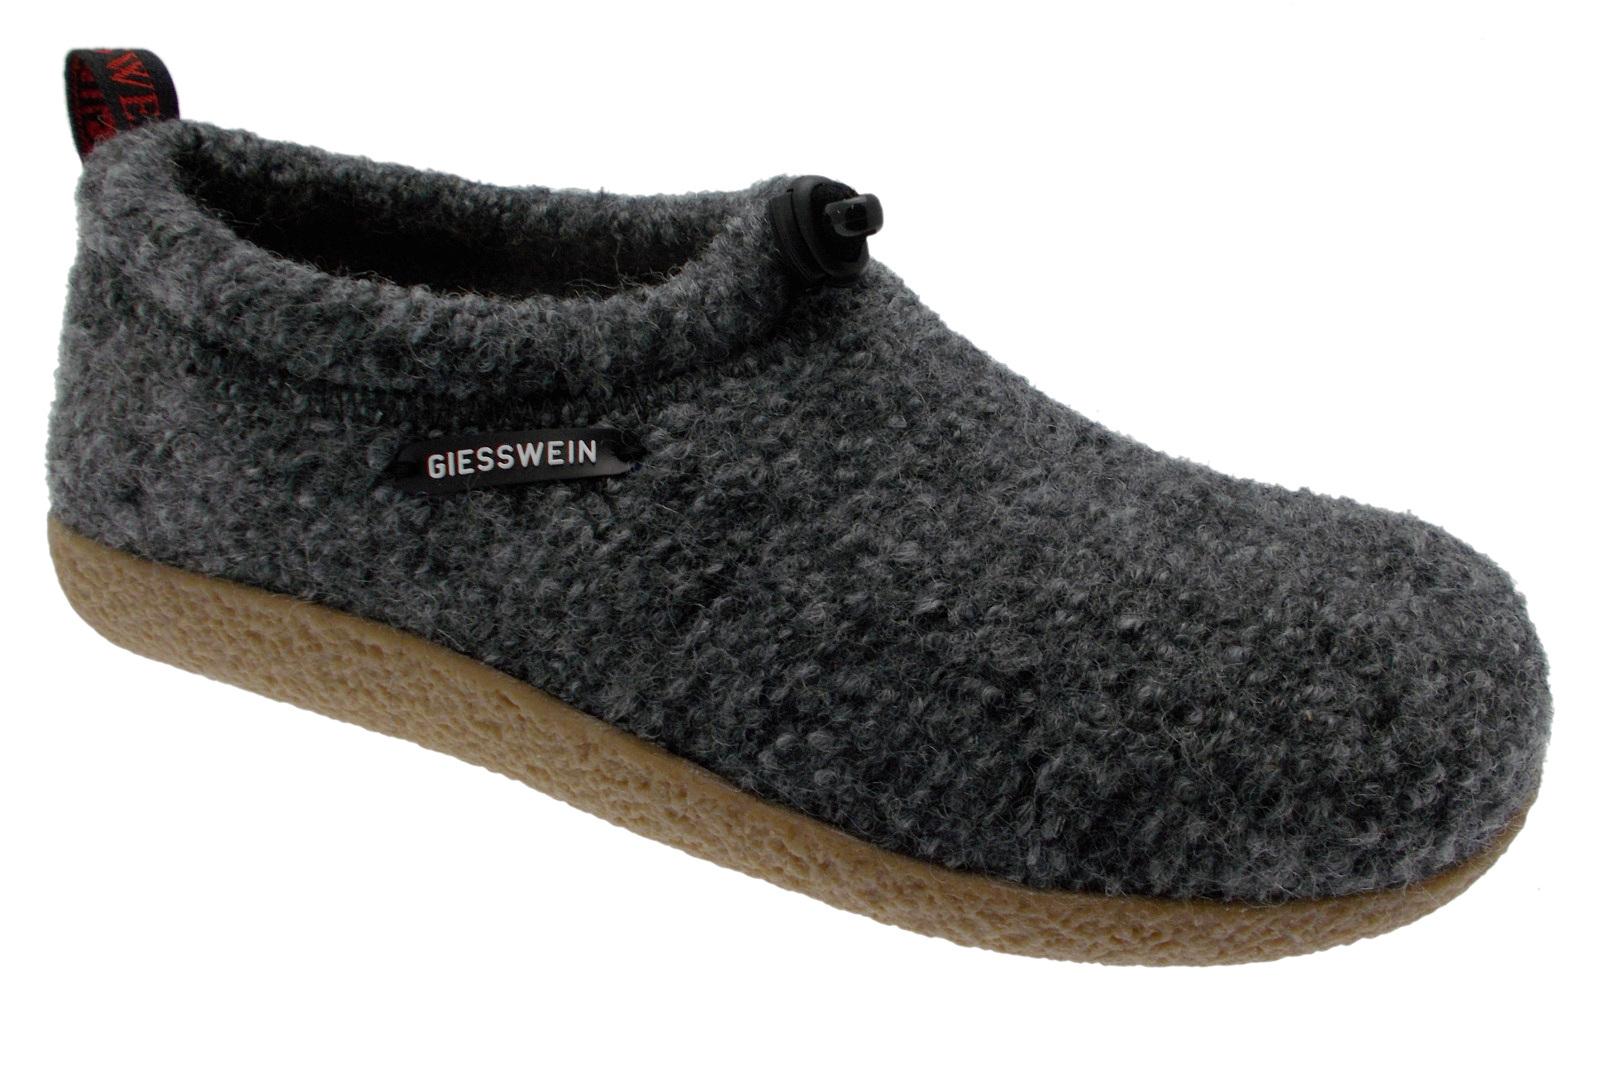 52/10/47849 017 VENT slipper unisex uitneembaar voetbed grijs doek Giesswein